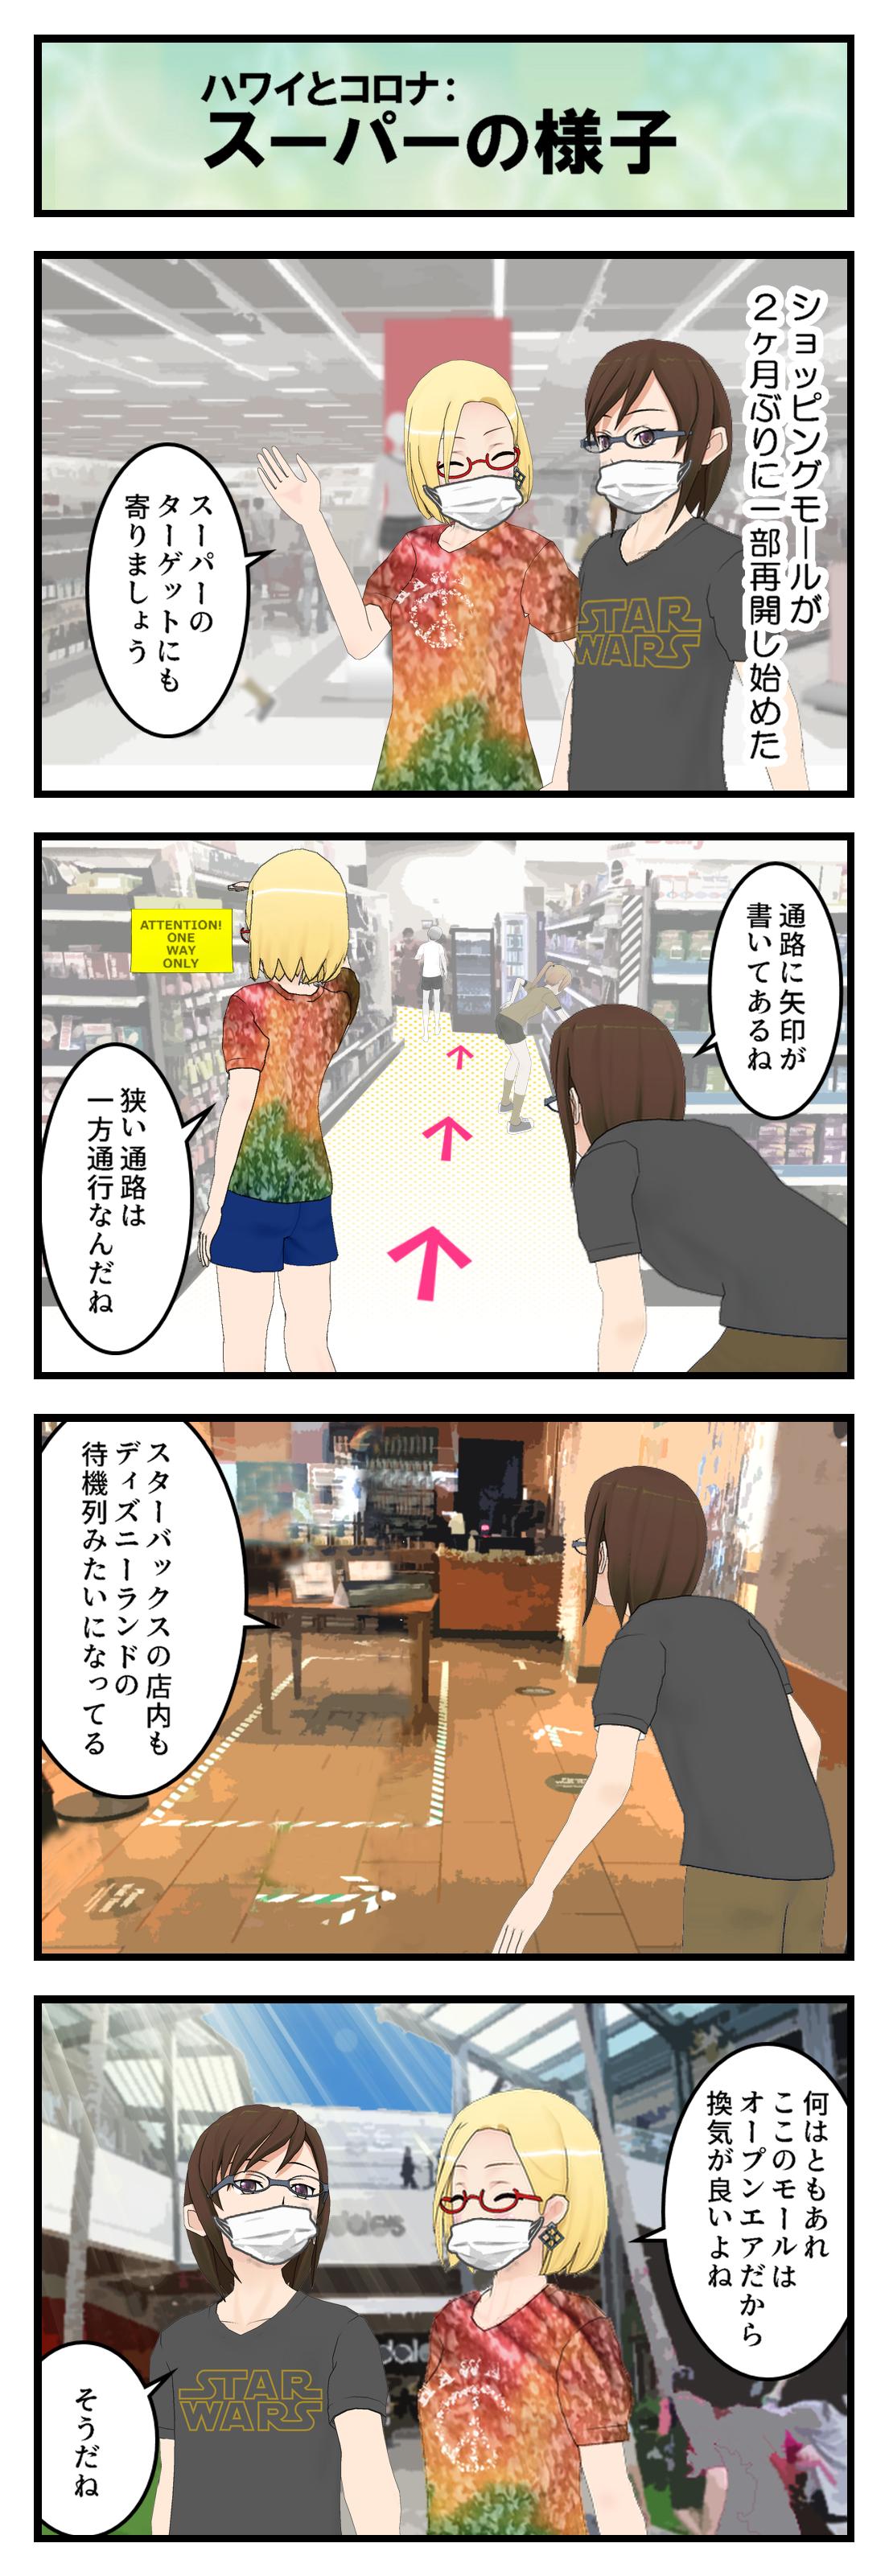 R663_スーパーの様子_001